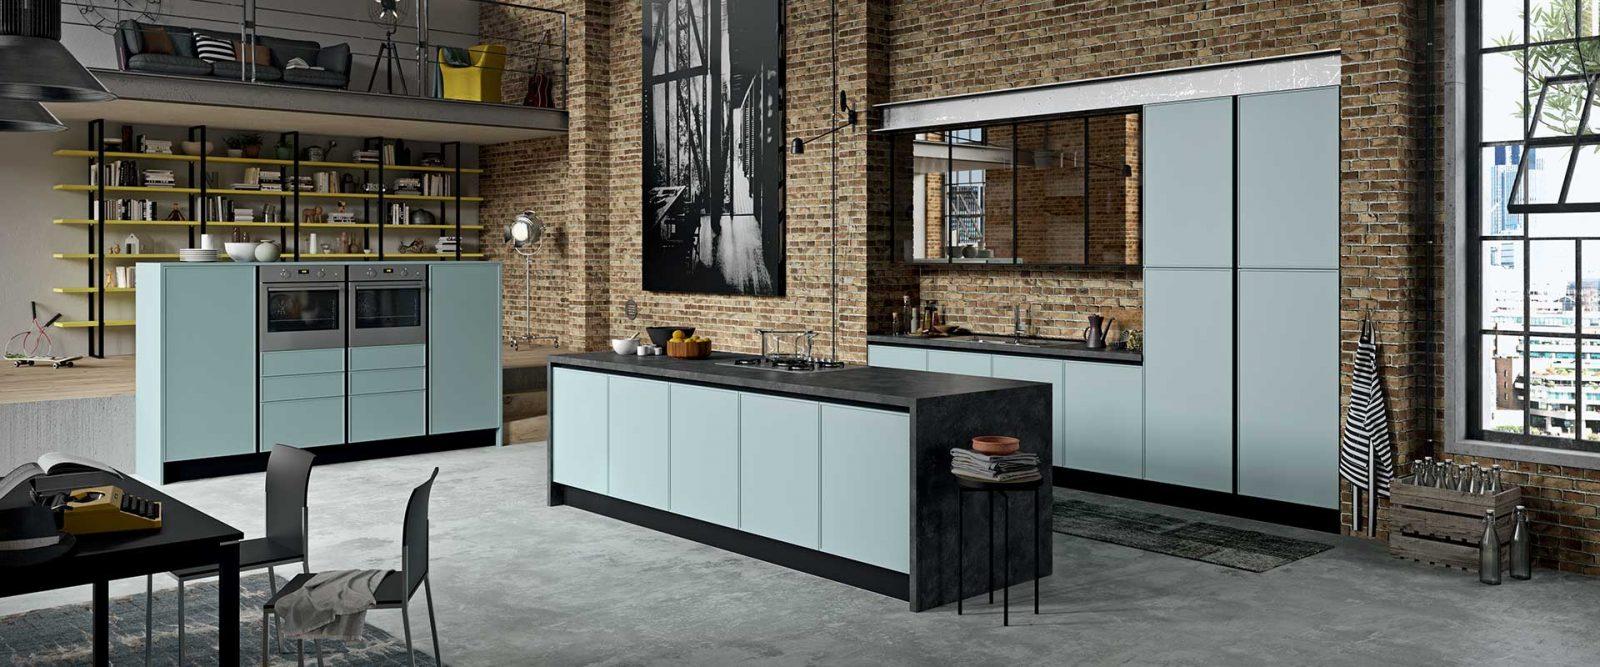 Italiaans Design 09 Hans Van Der Helm Keukens Den Haag